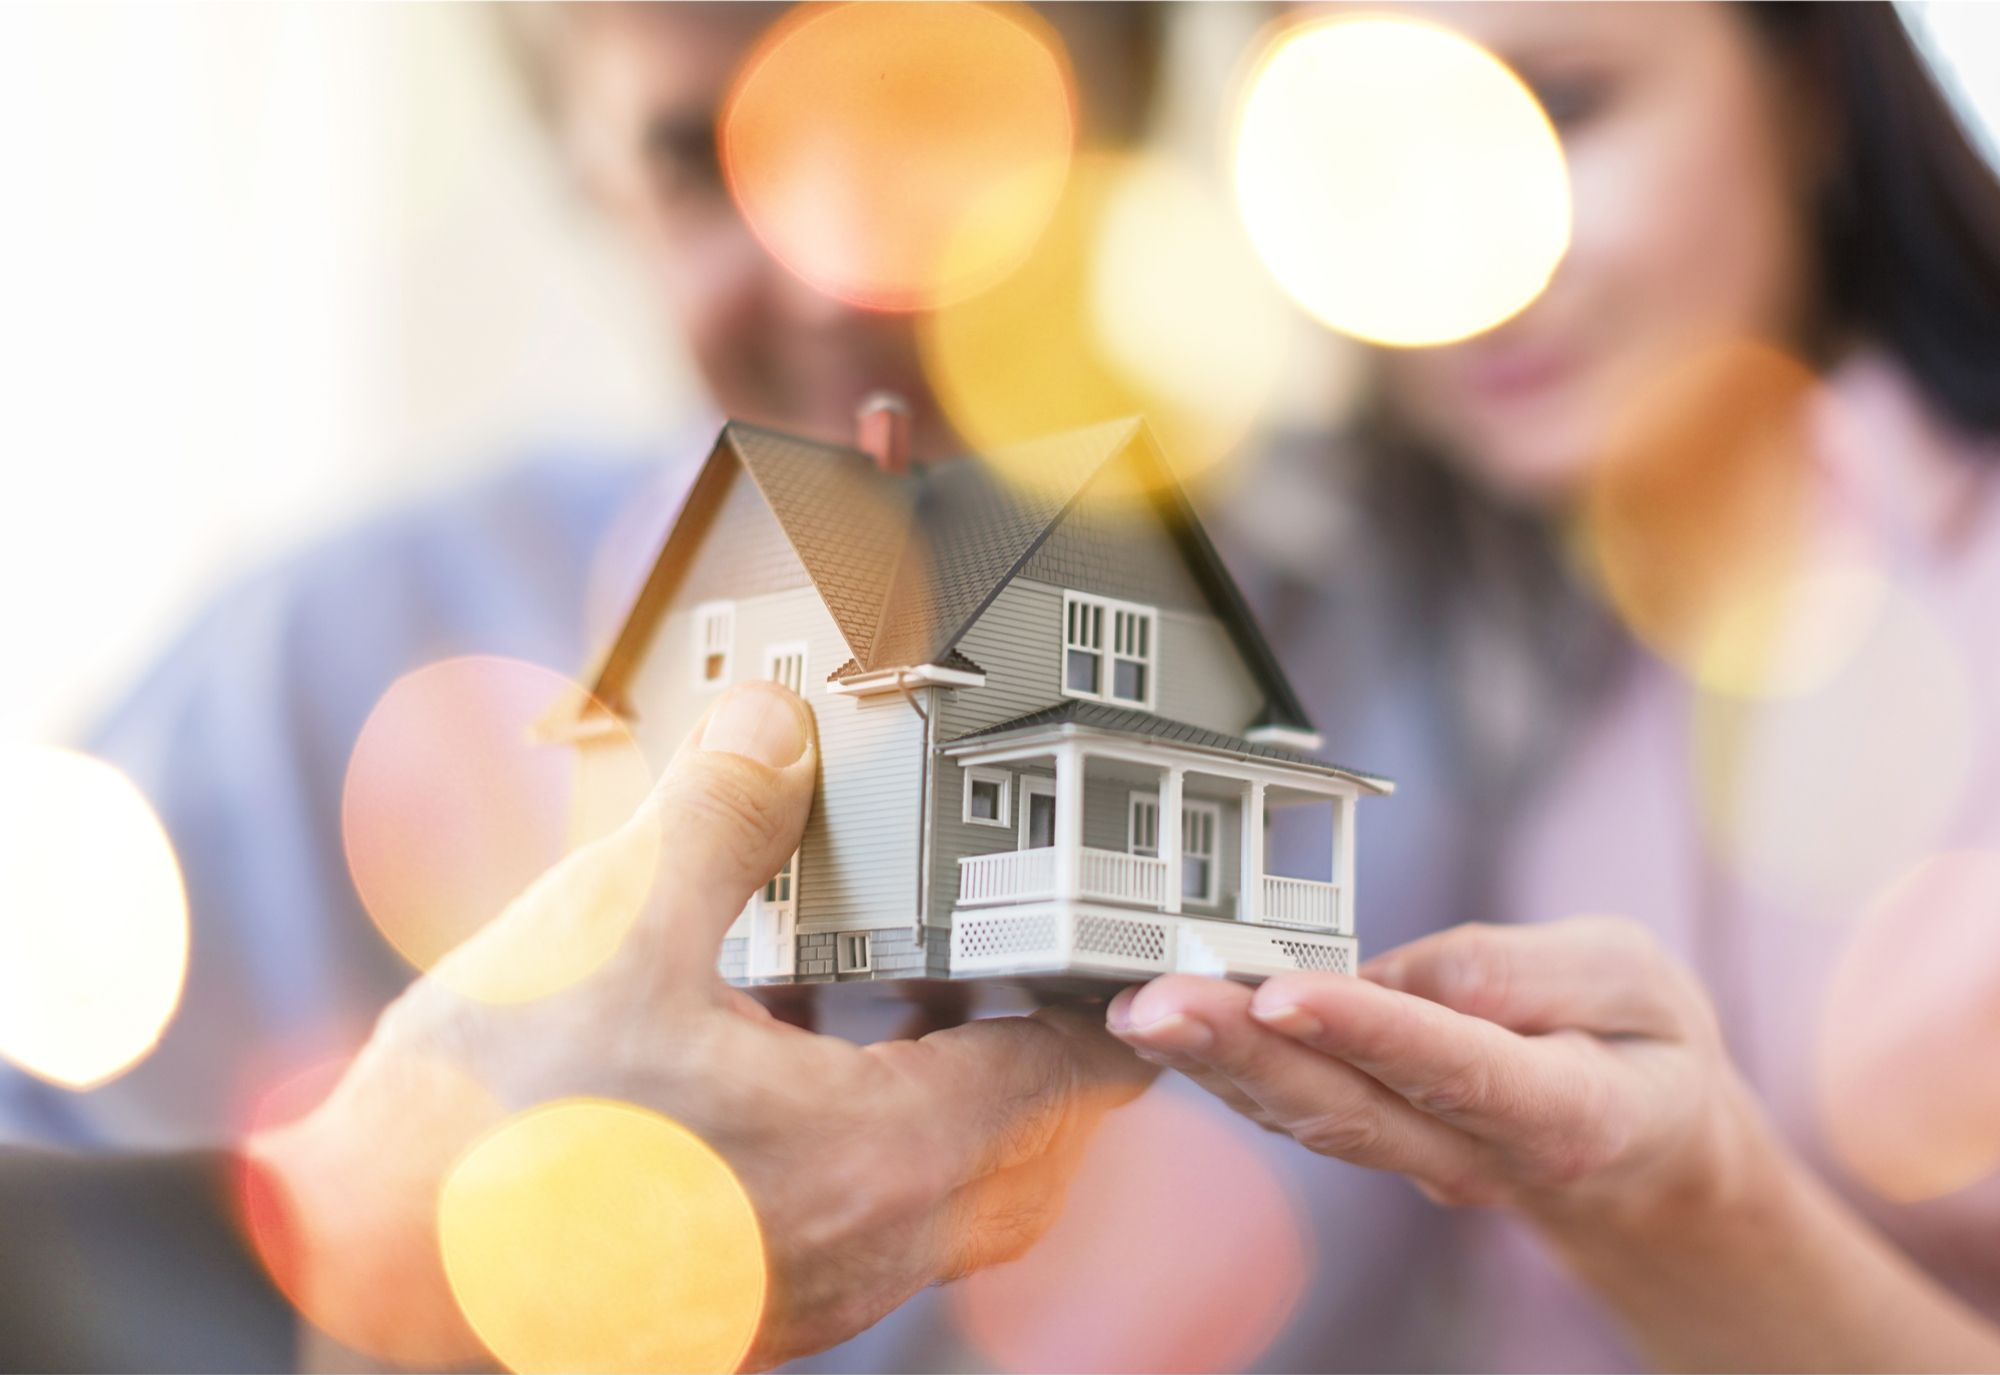 Comment sécuriser sa maison avant l'été?